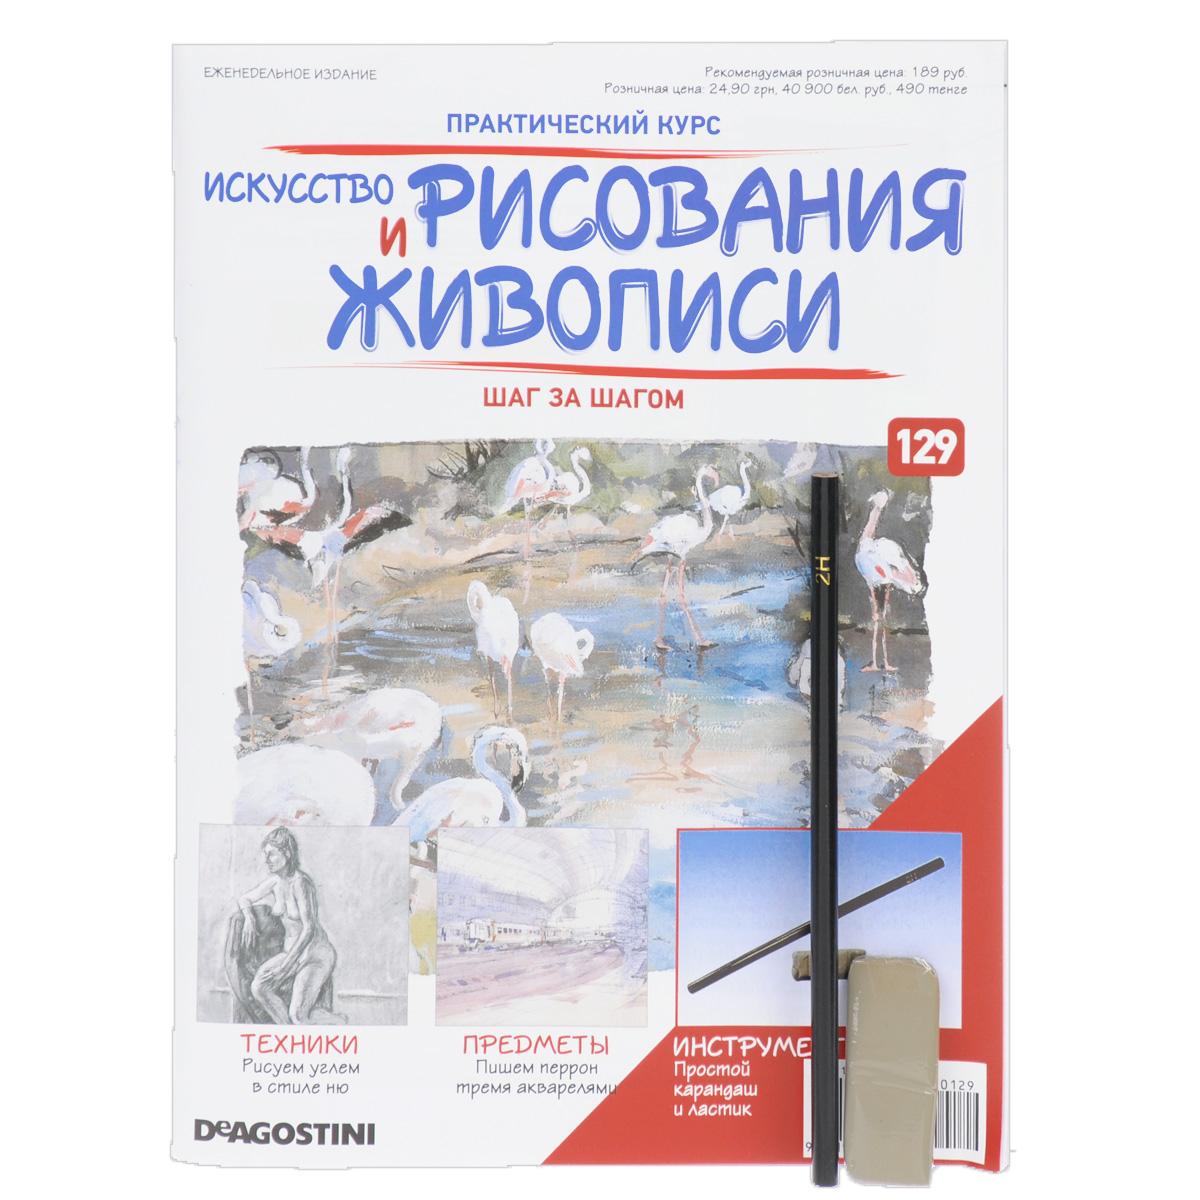 Журнал  Искусство рисования и живописи №129 техники рисования